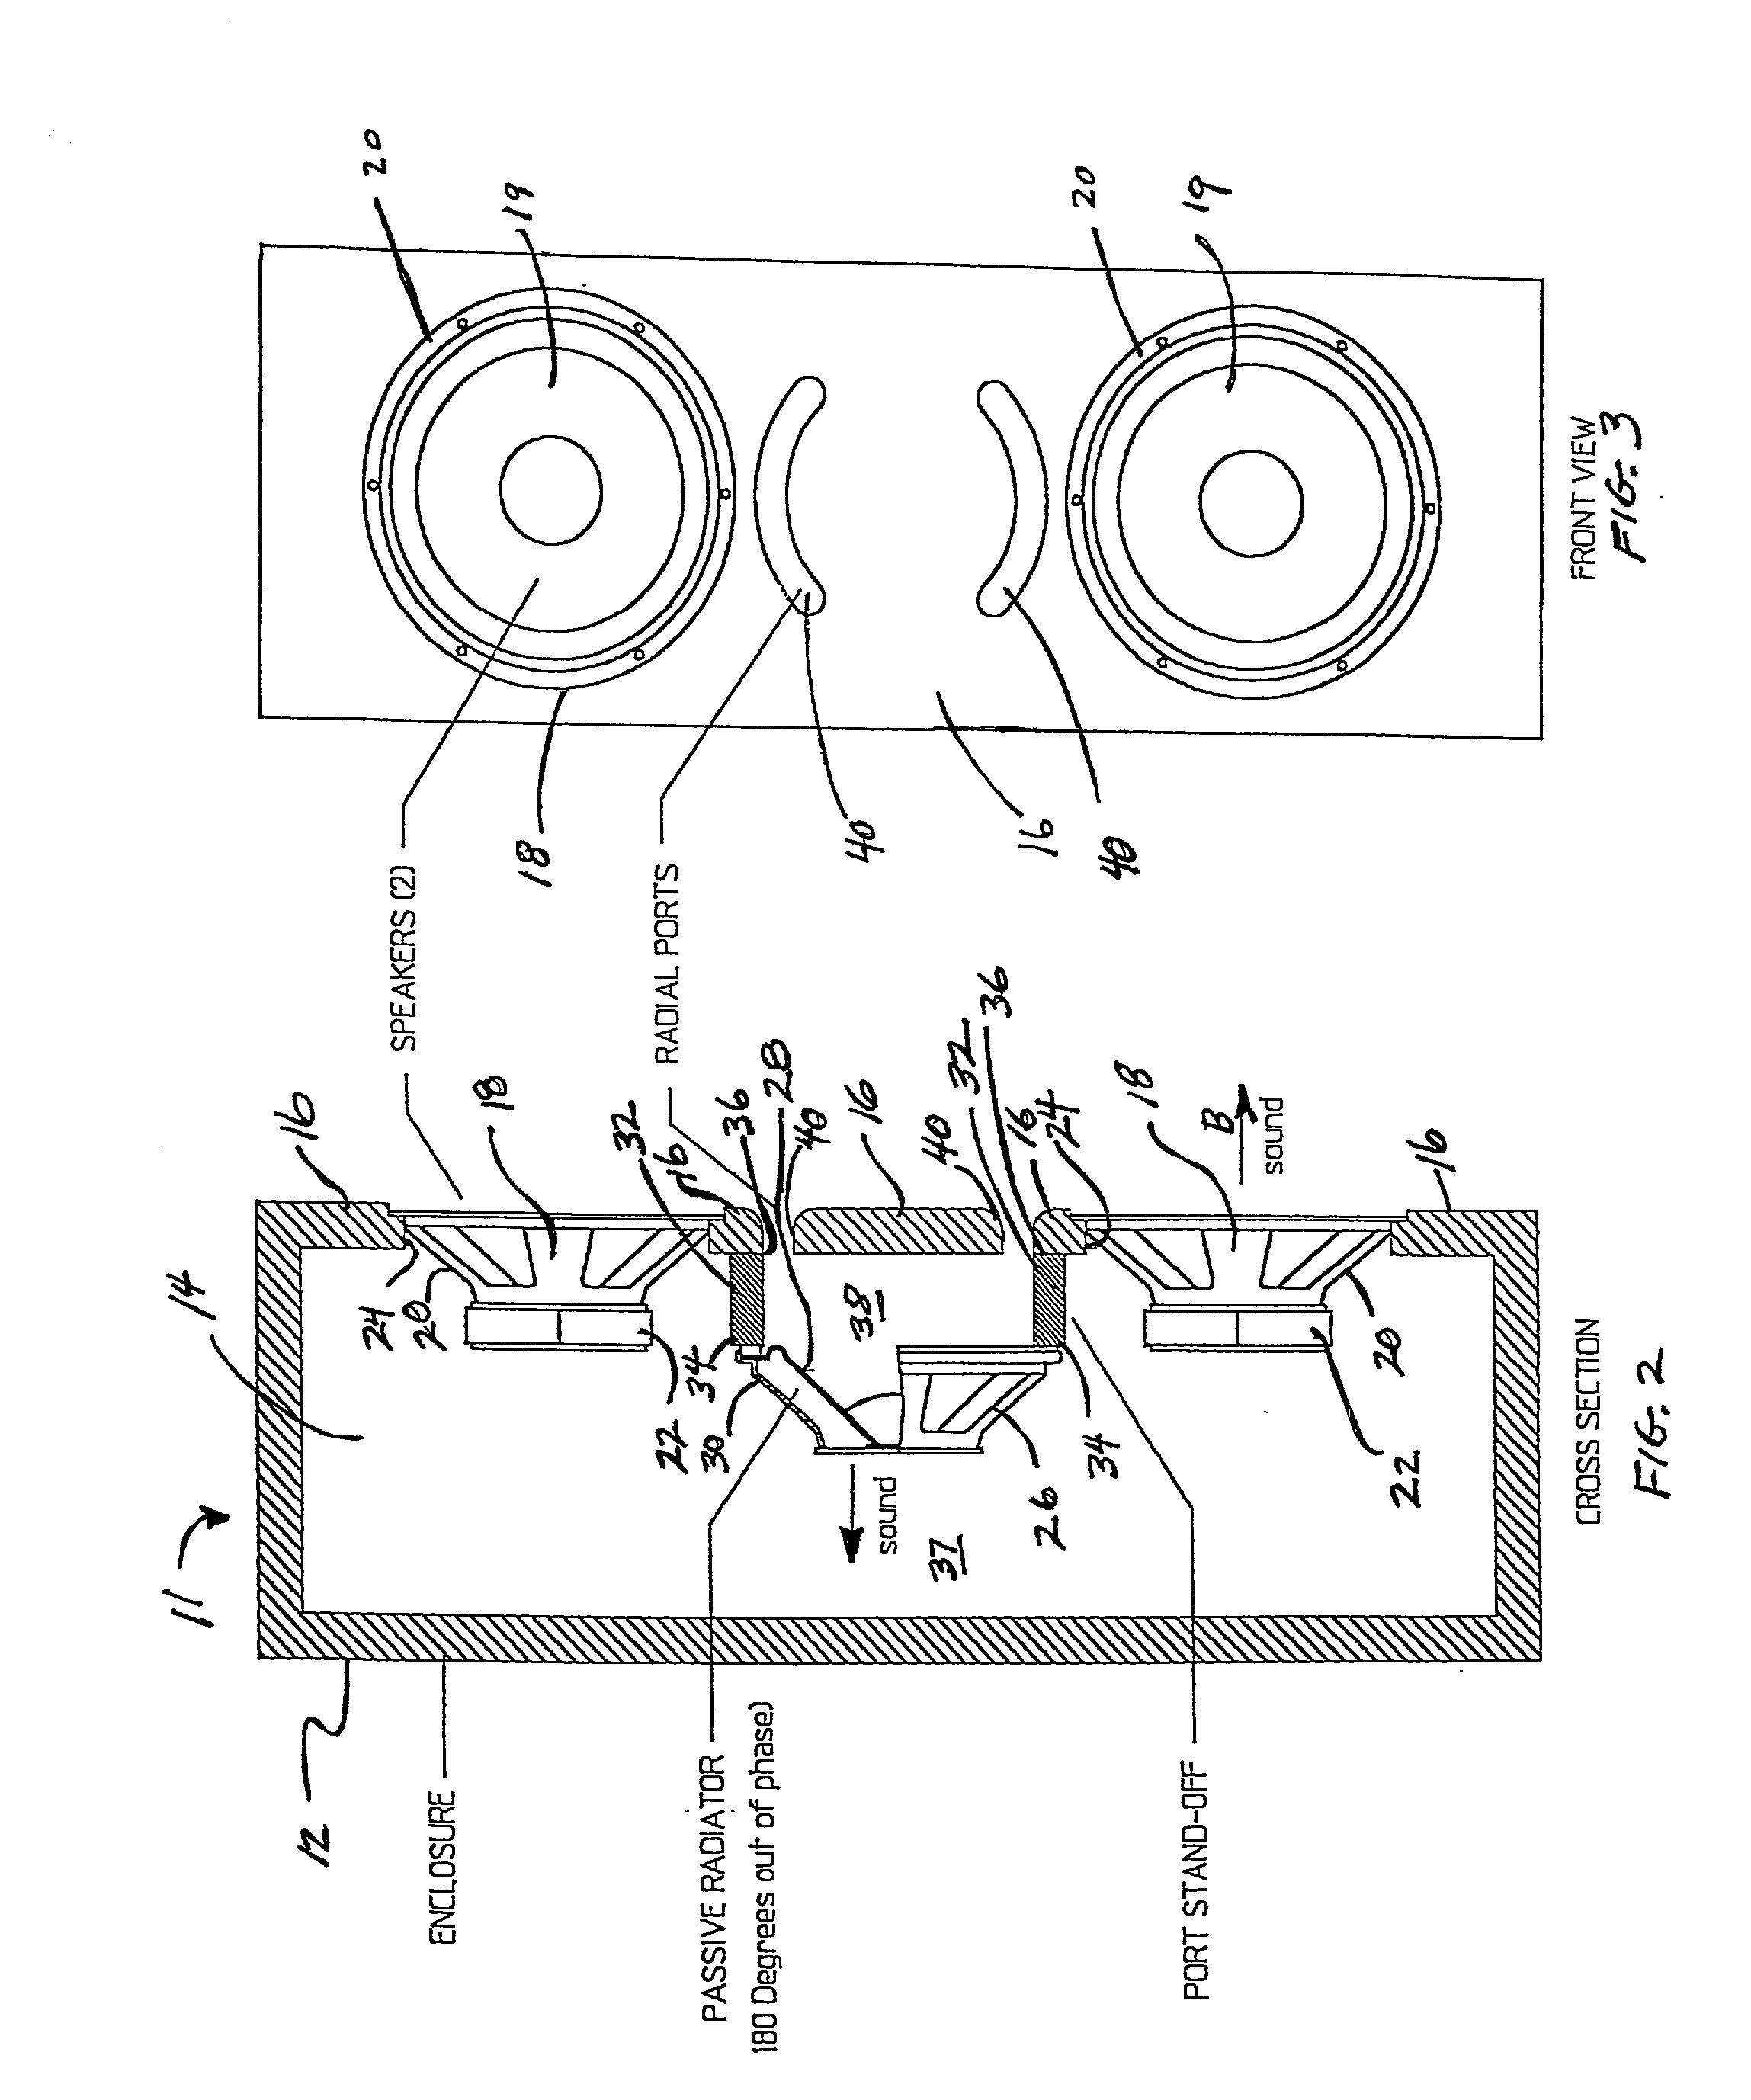 patent us20010031061